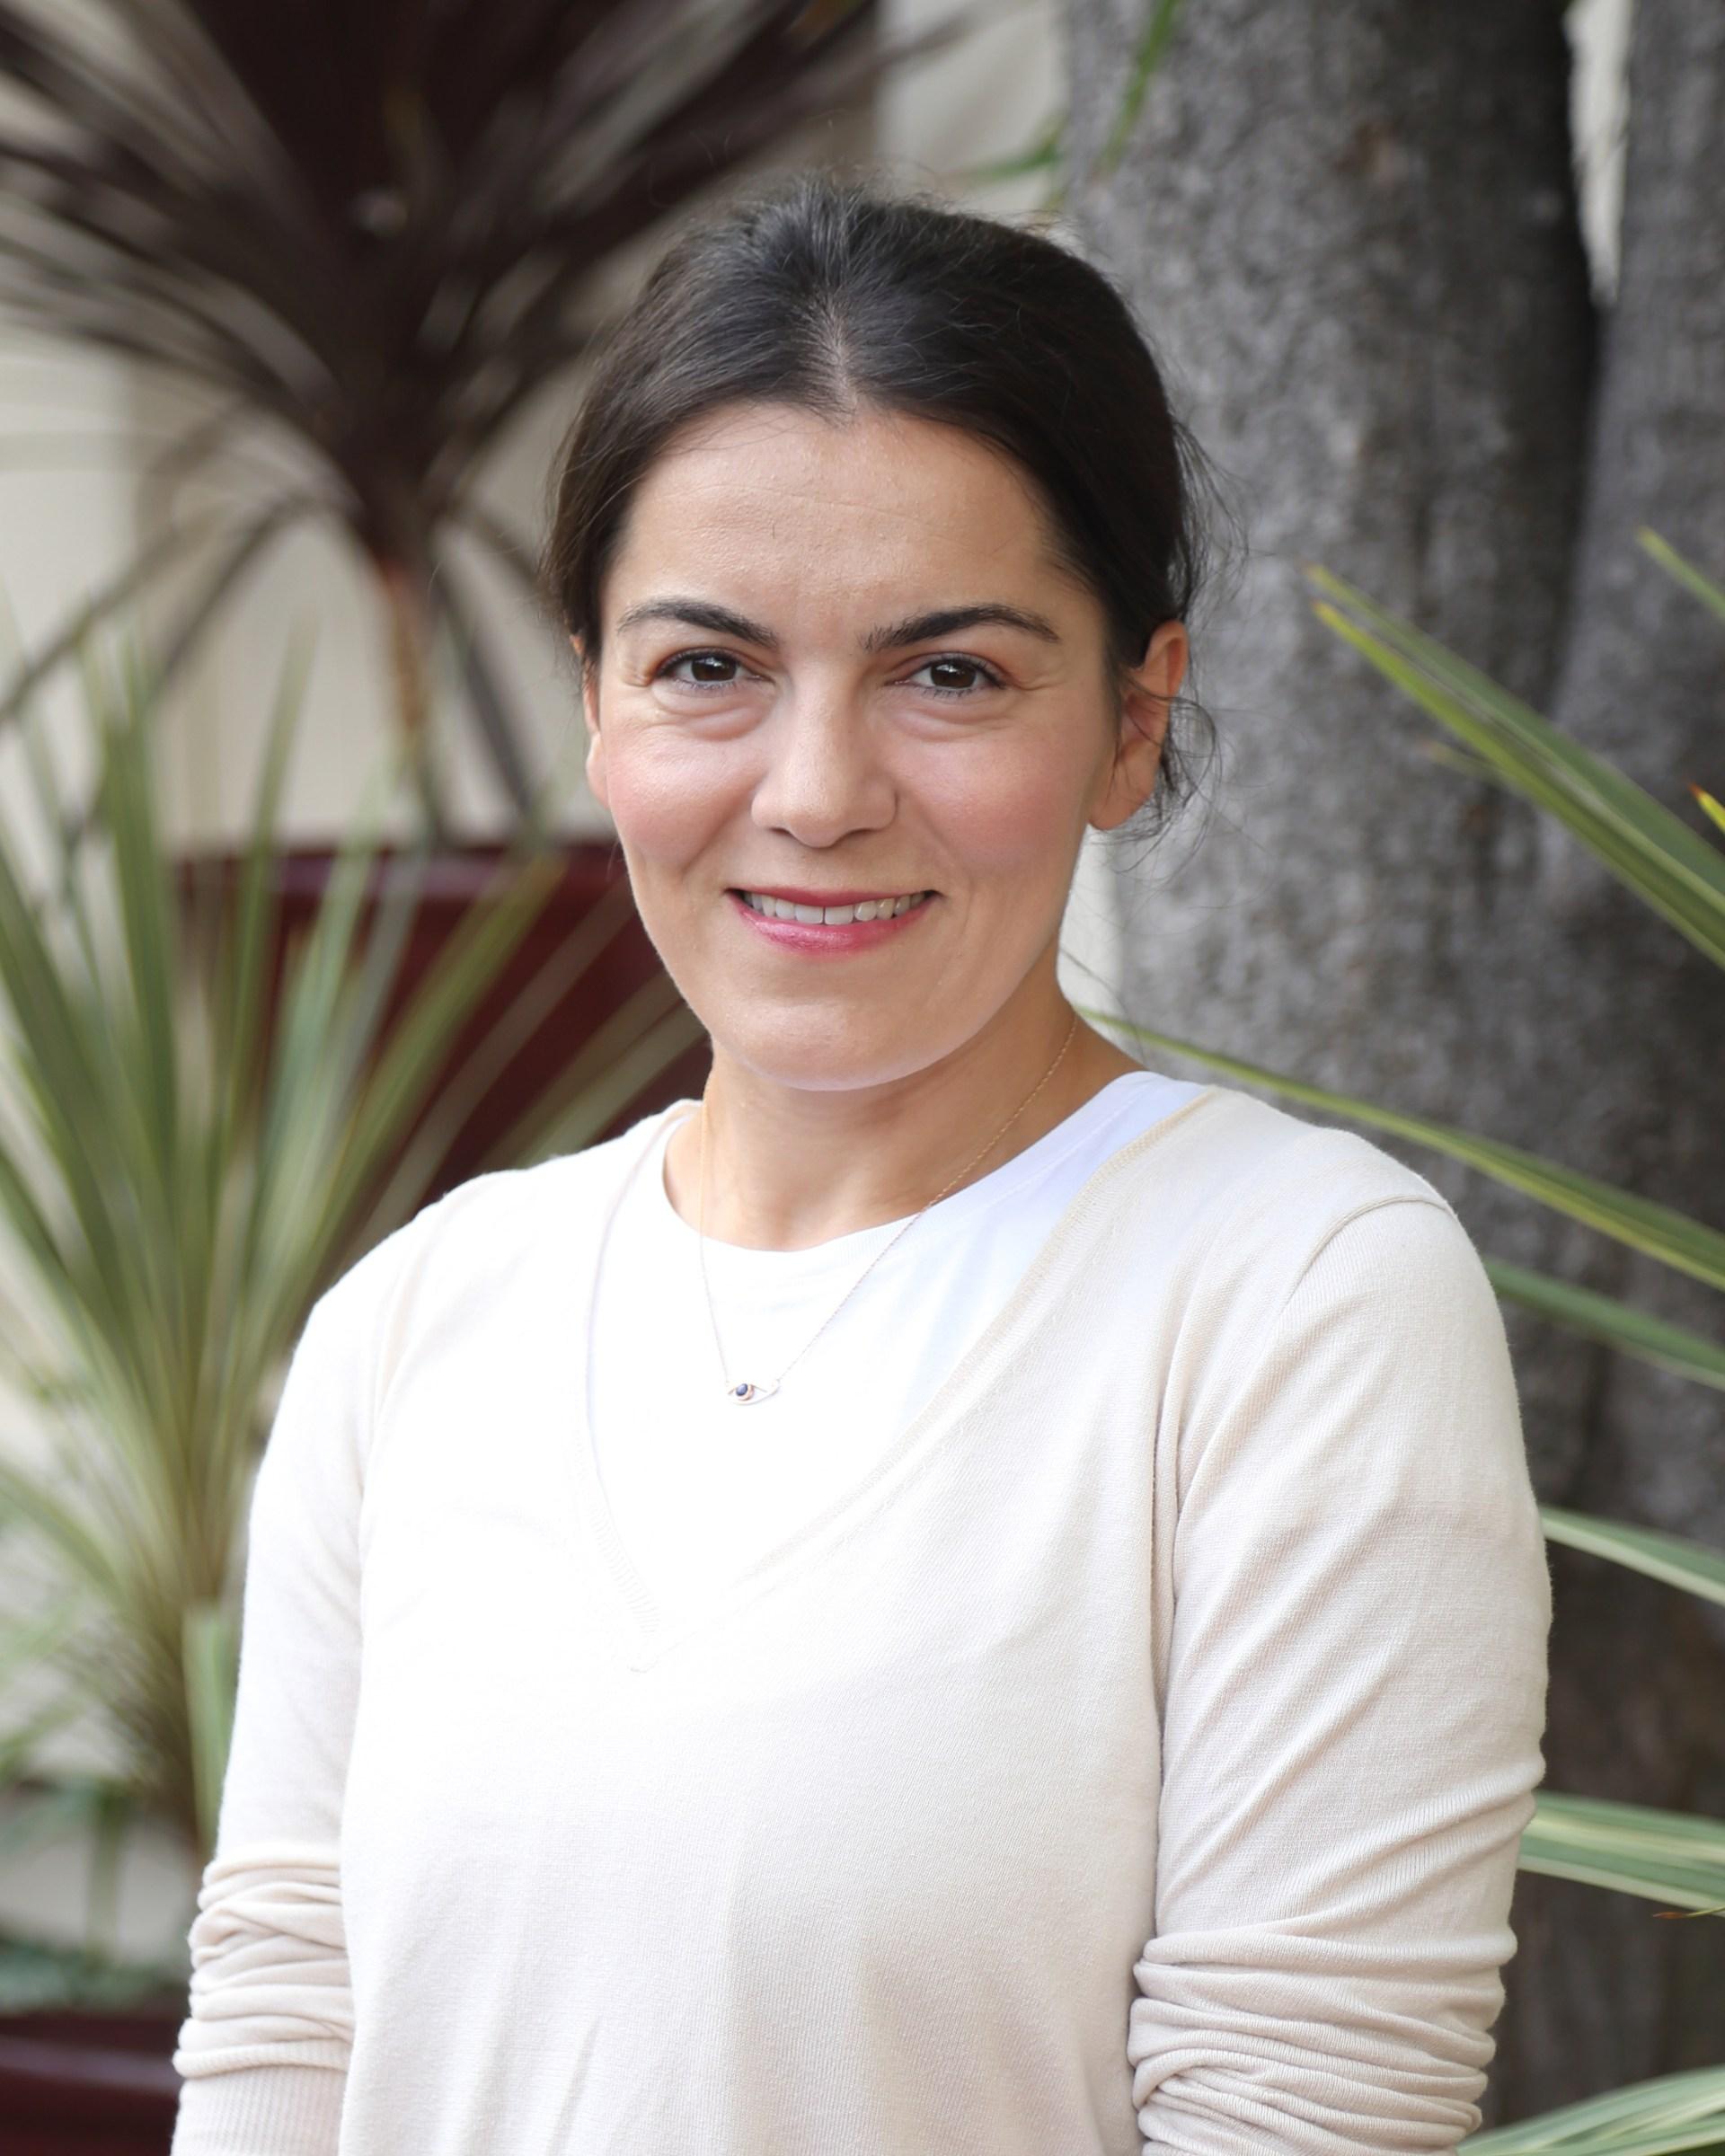 Leyla Goldfinger